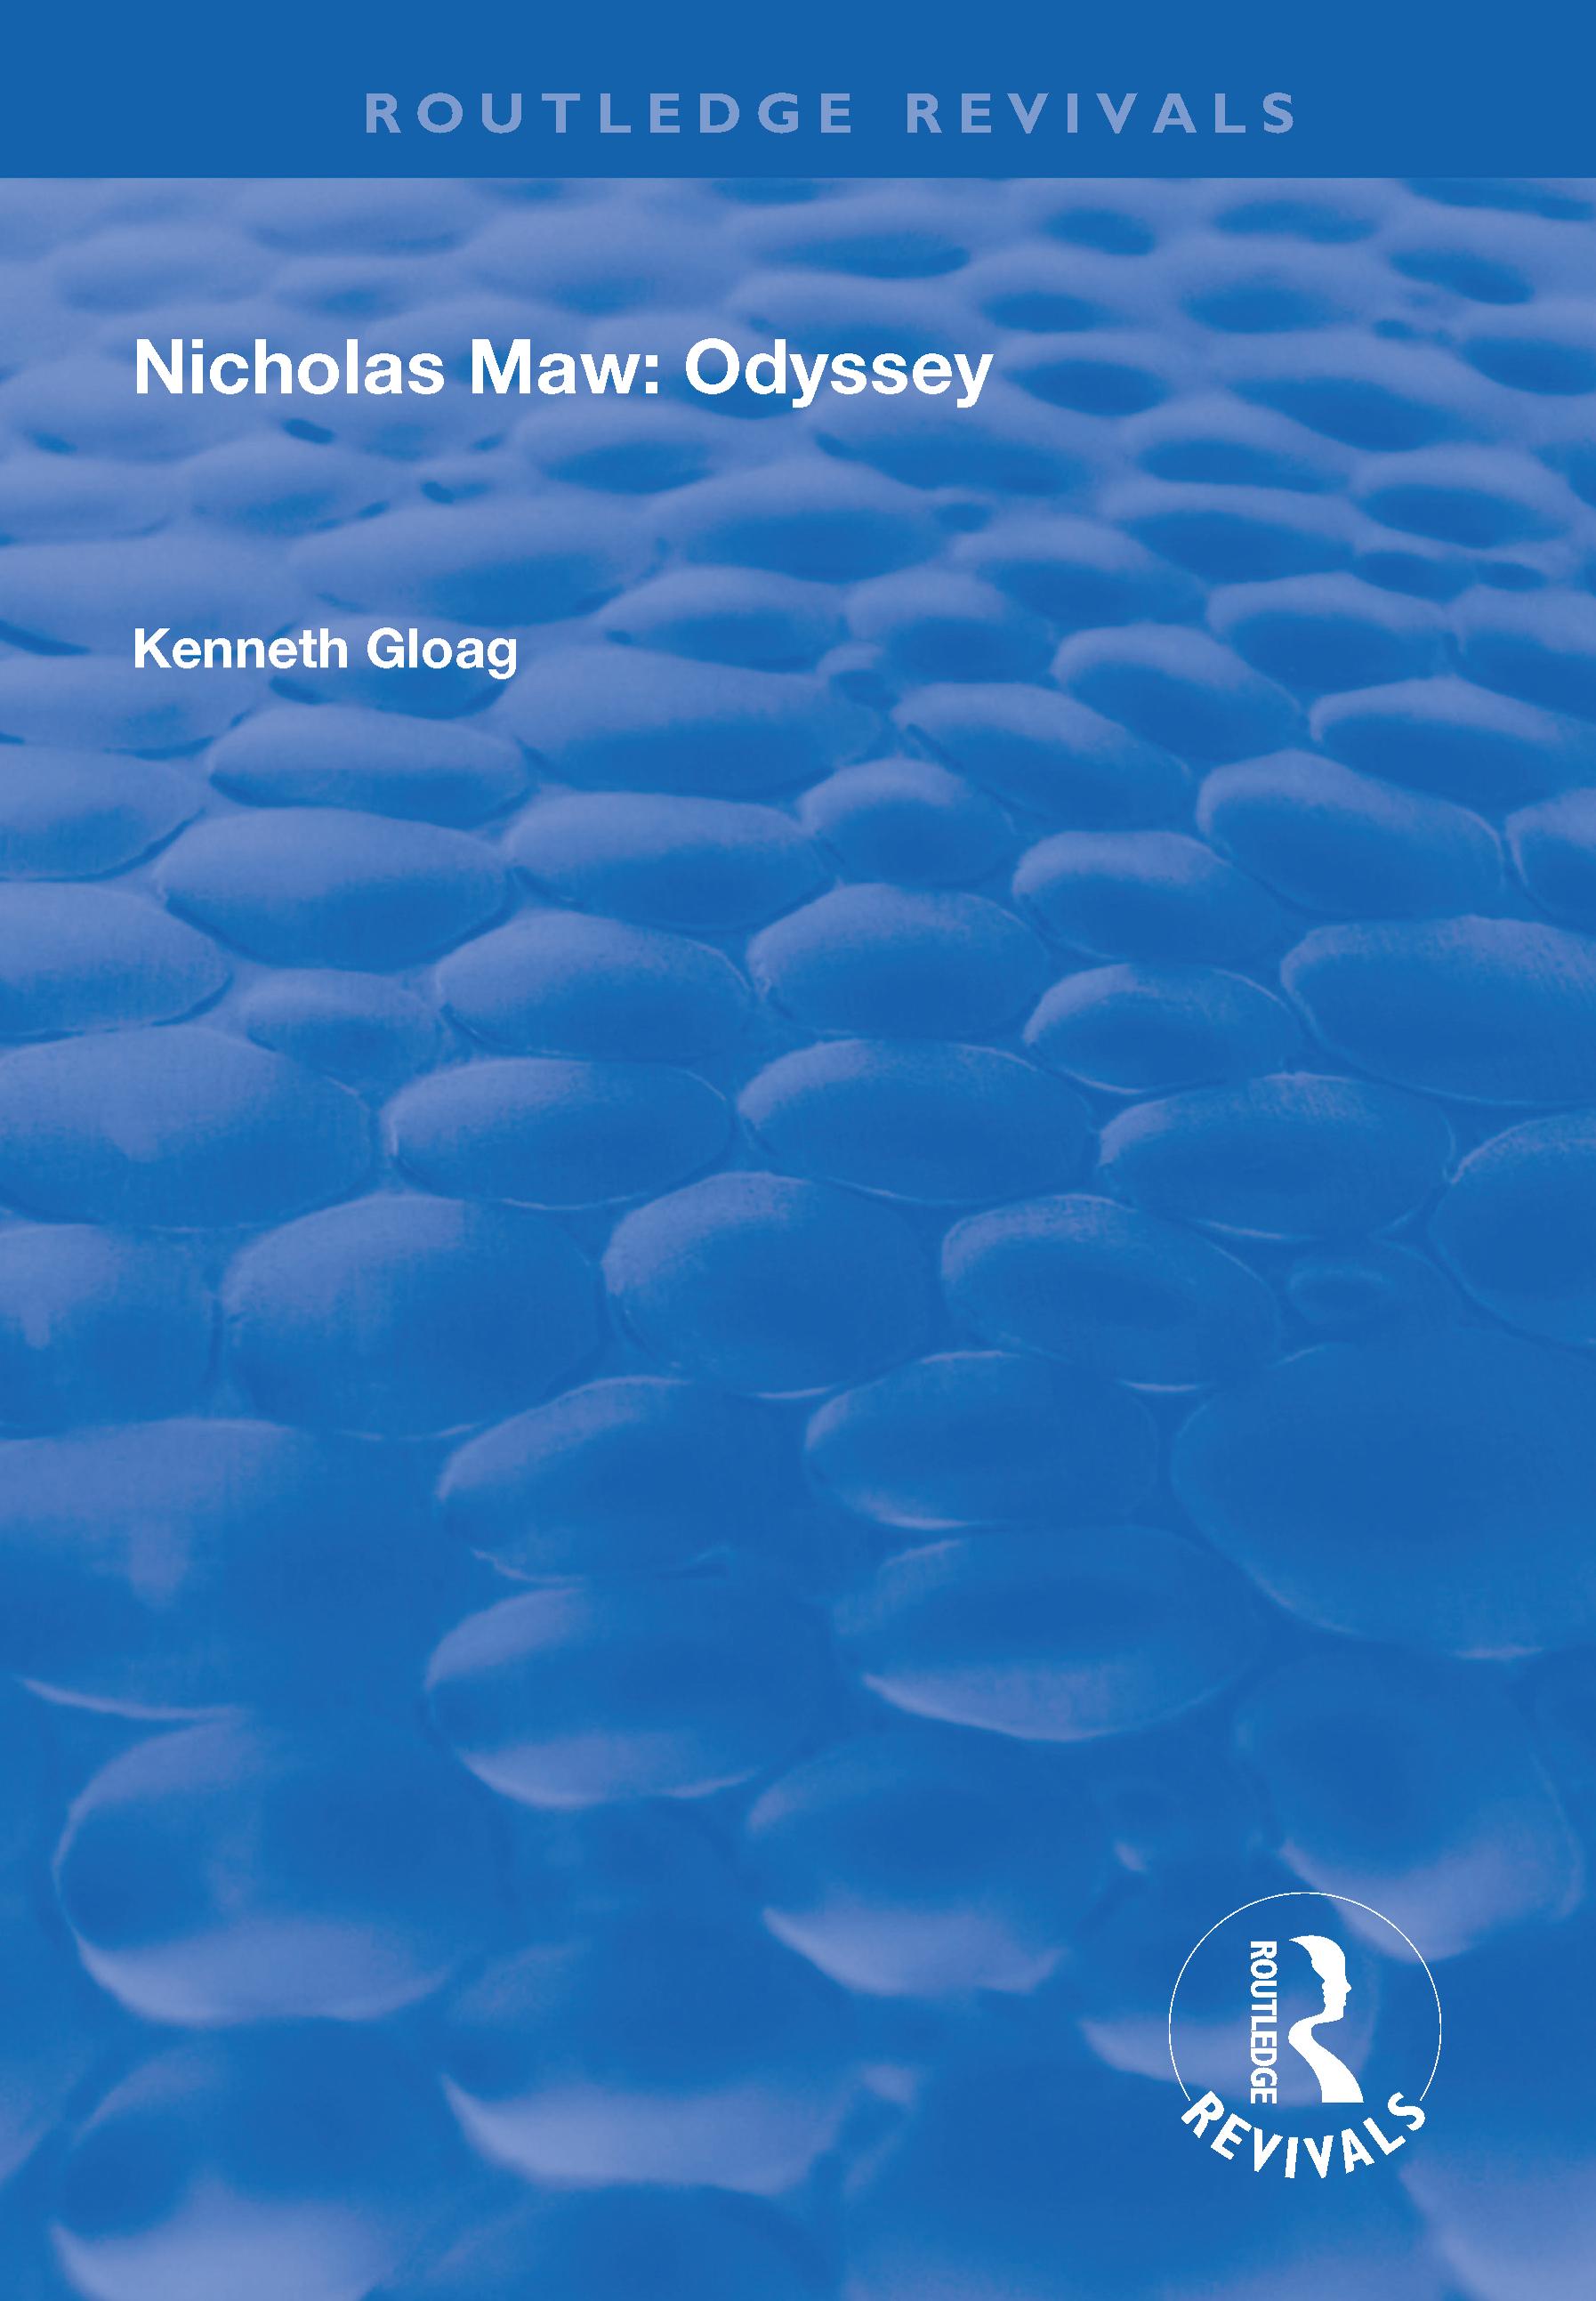 Nicholas Maw: Odyssey book cover